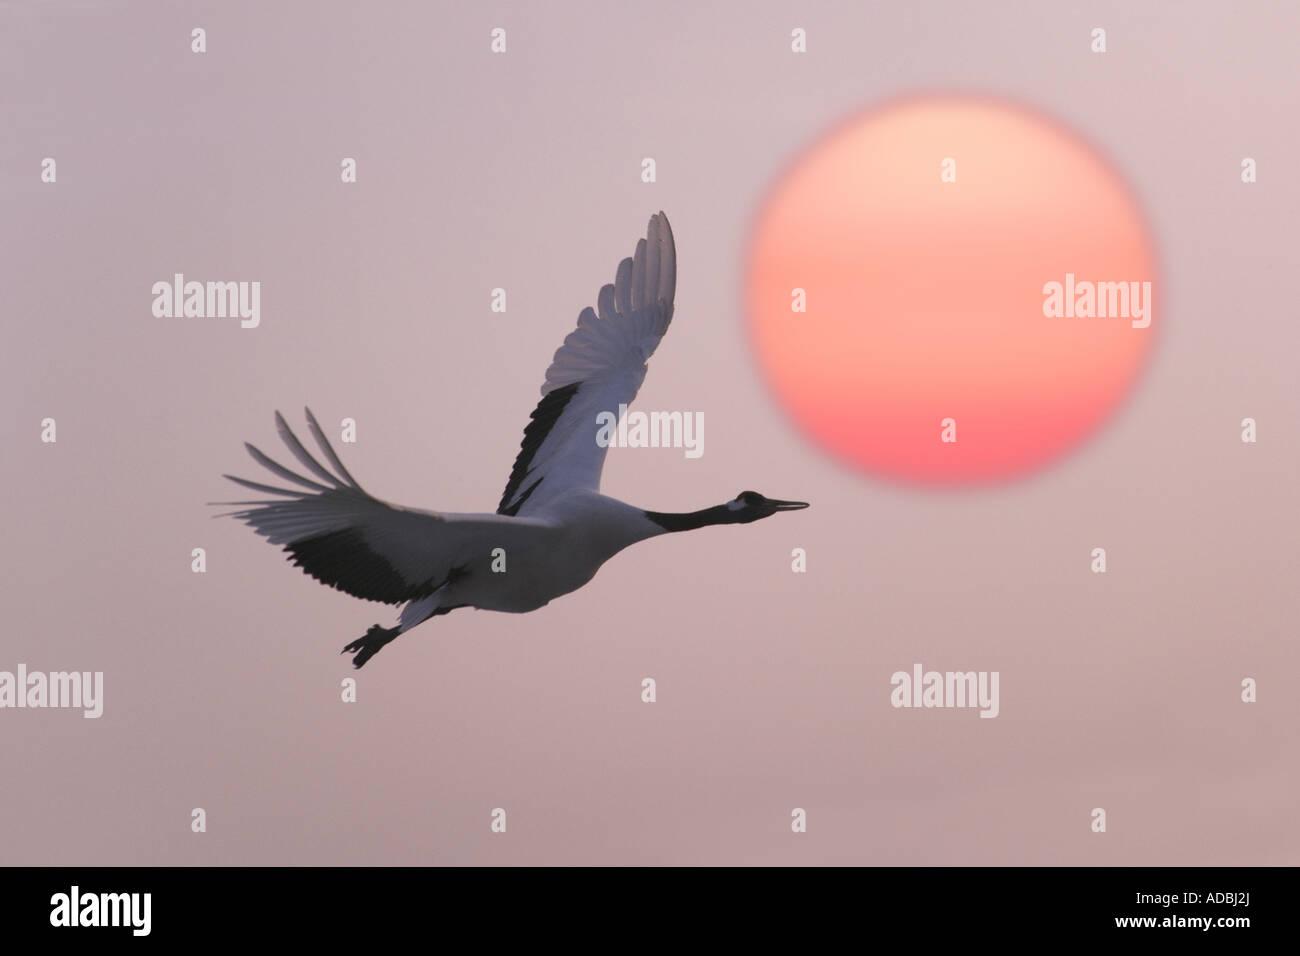 Rot gekrönter Kran fliegen mit Sonnenuntergang Heilongjiang Provinz China Stockbild